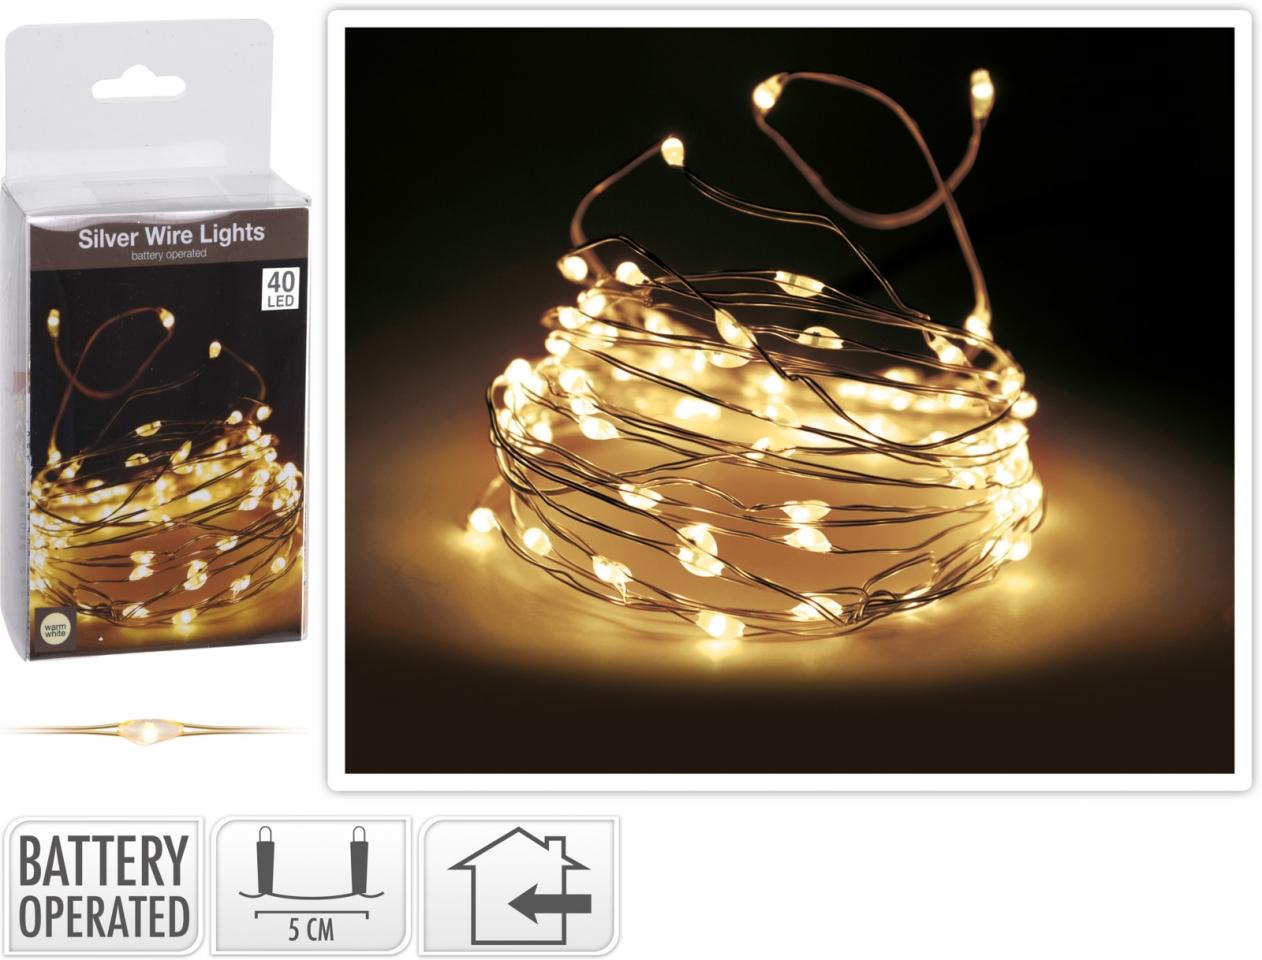 Světelný řetěz 200 cm, 40 LED teplé bílé světlo